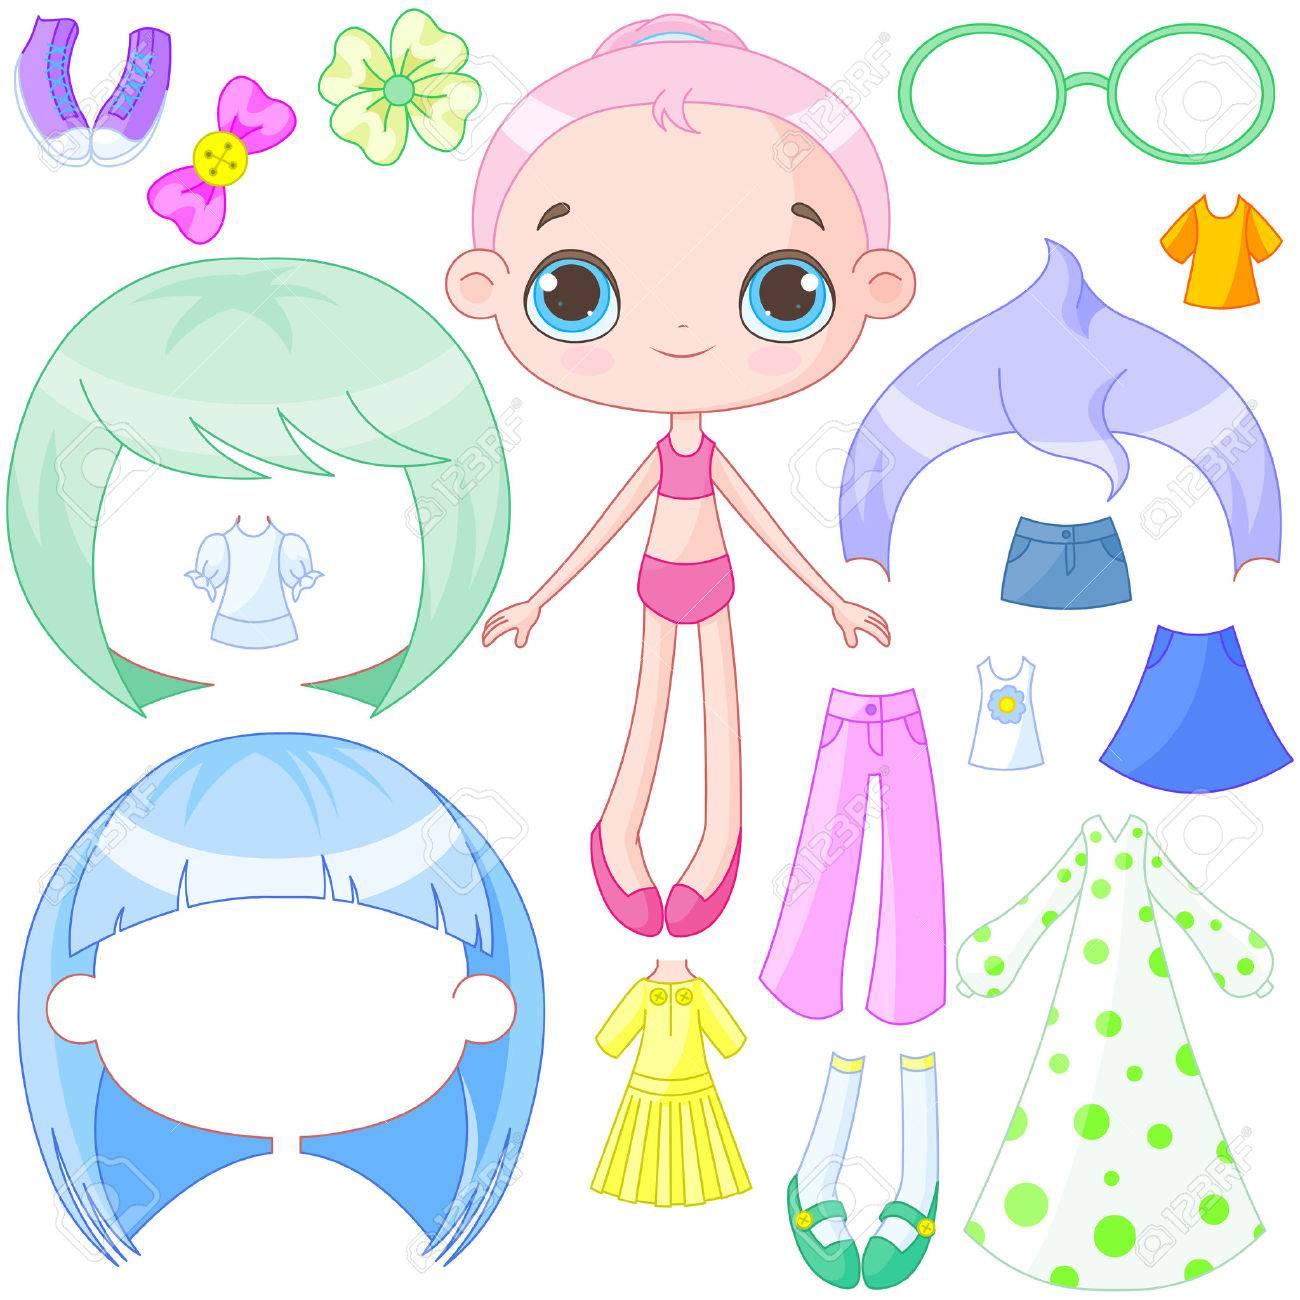 かわいい人形ドレスのイラストのイラスト素材ベクタ Image 39606121